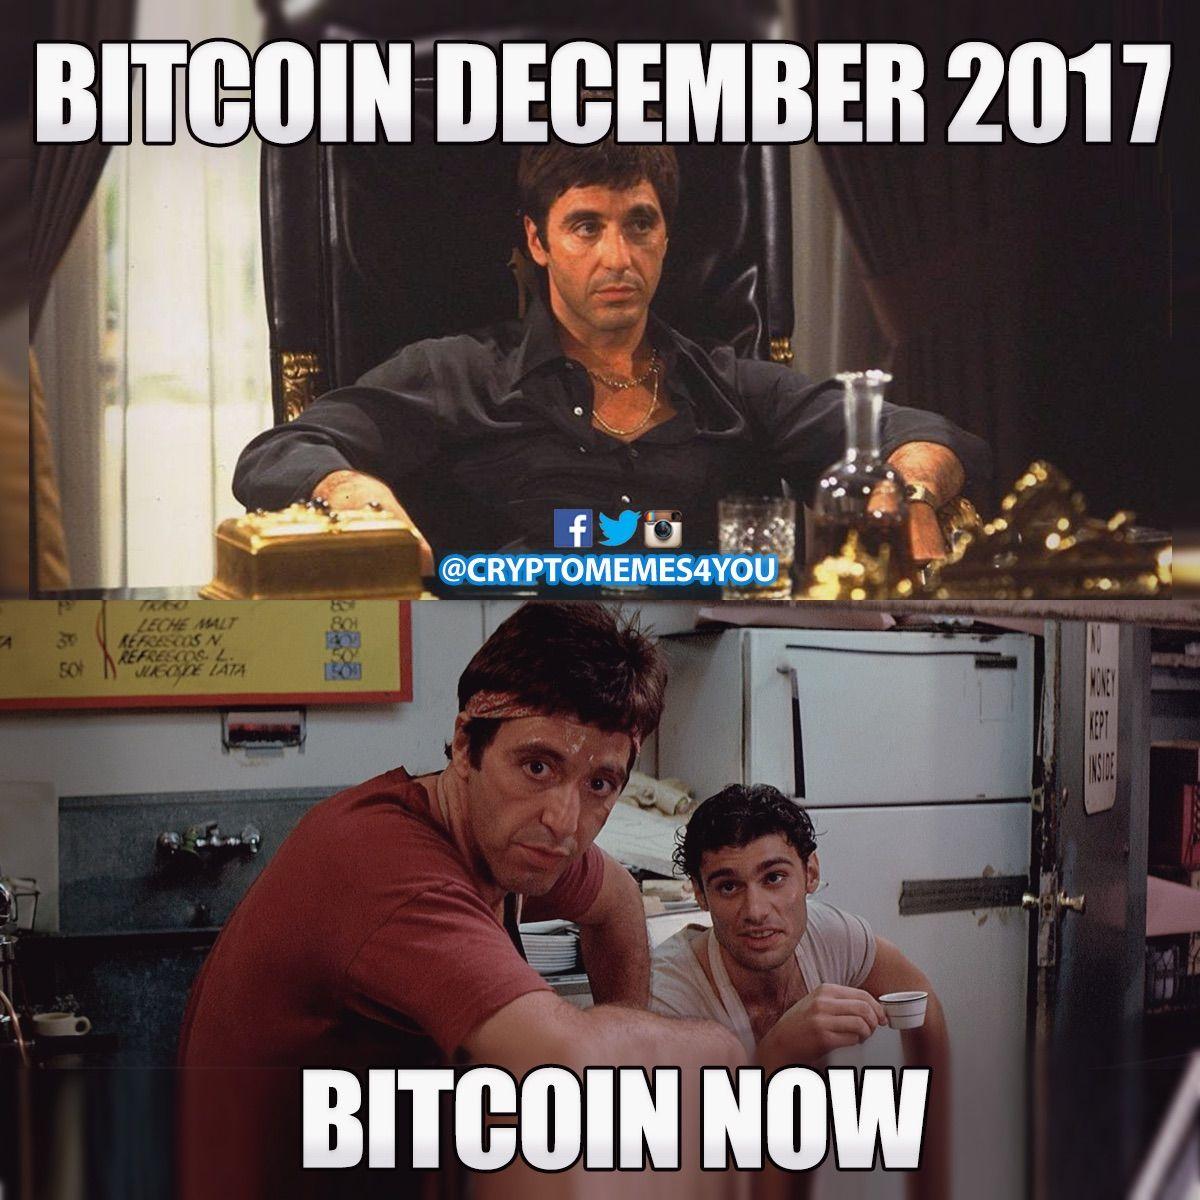 bitcoin investment pools firmen berg wie es ist, in bitcoin zu investieren, ist lustig